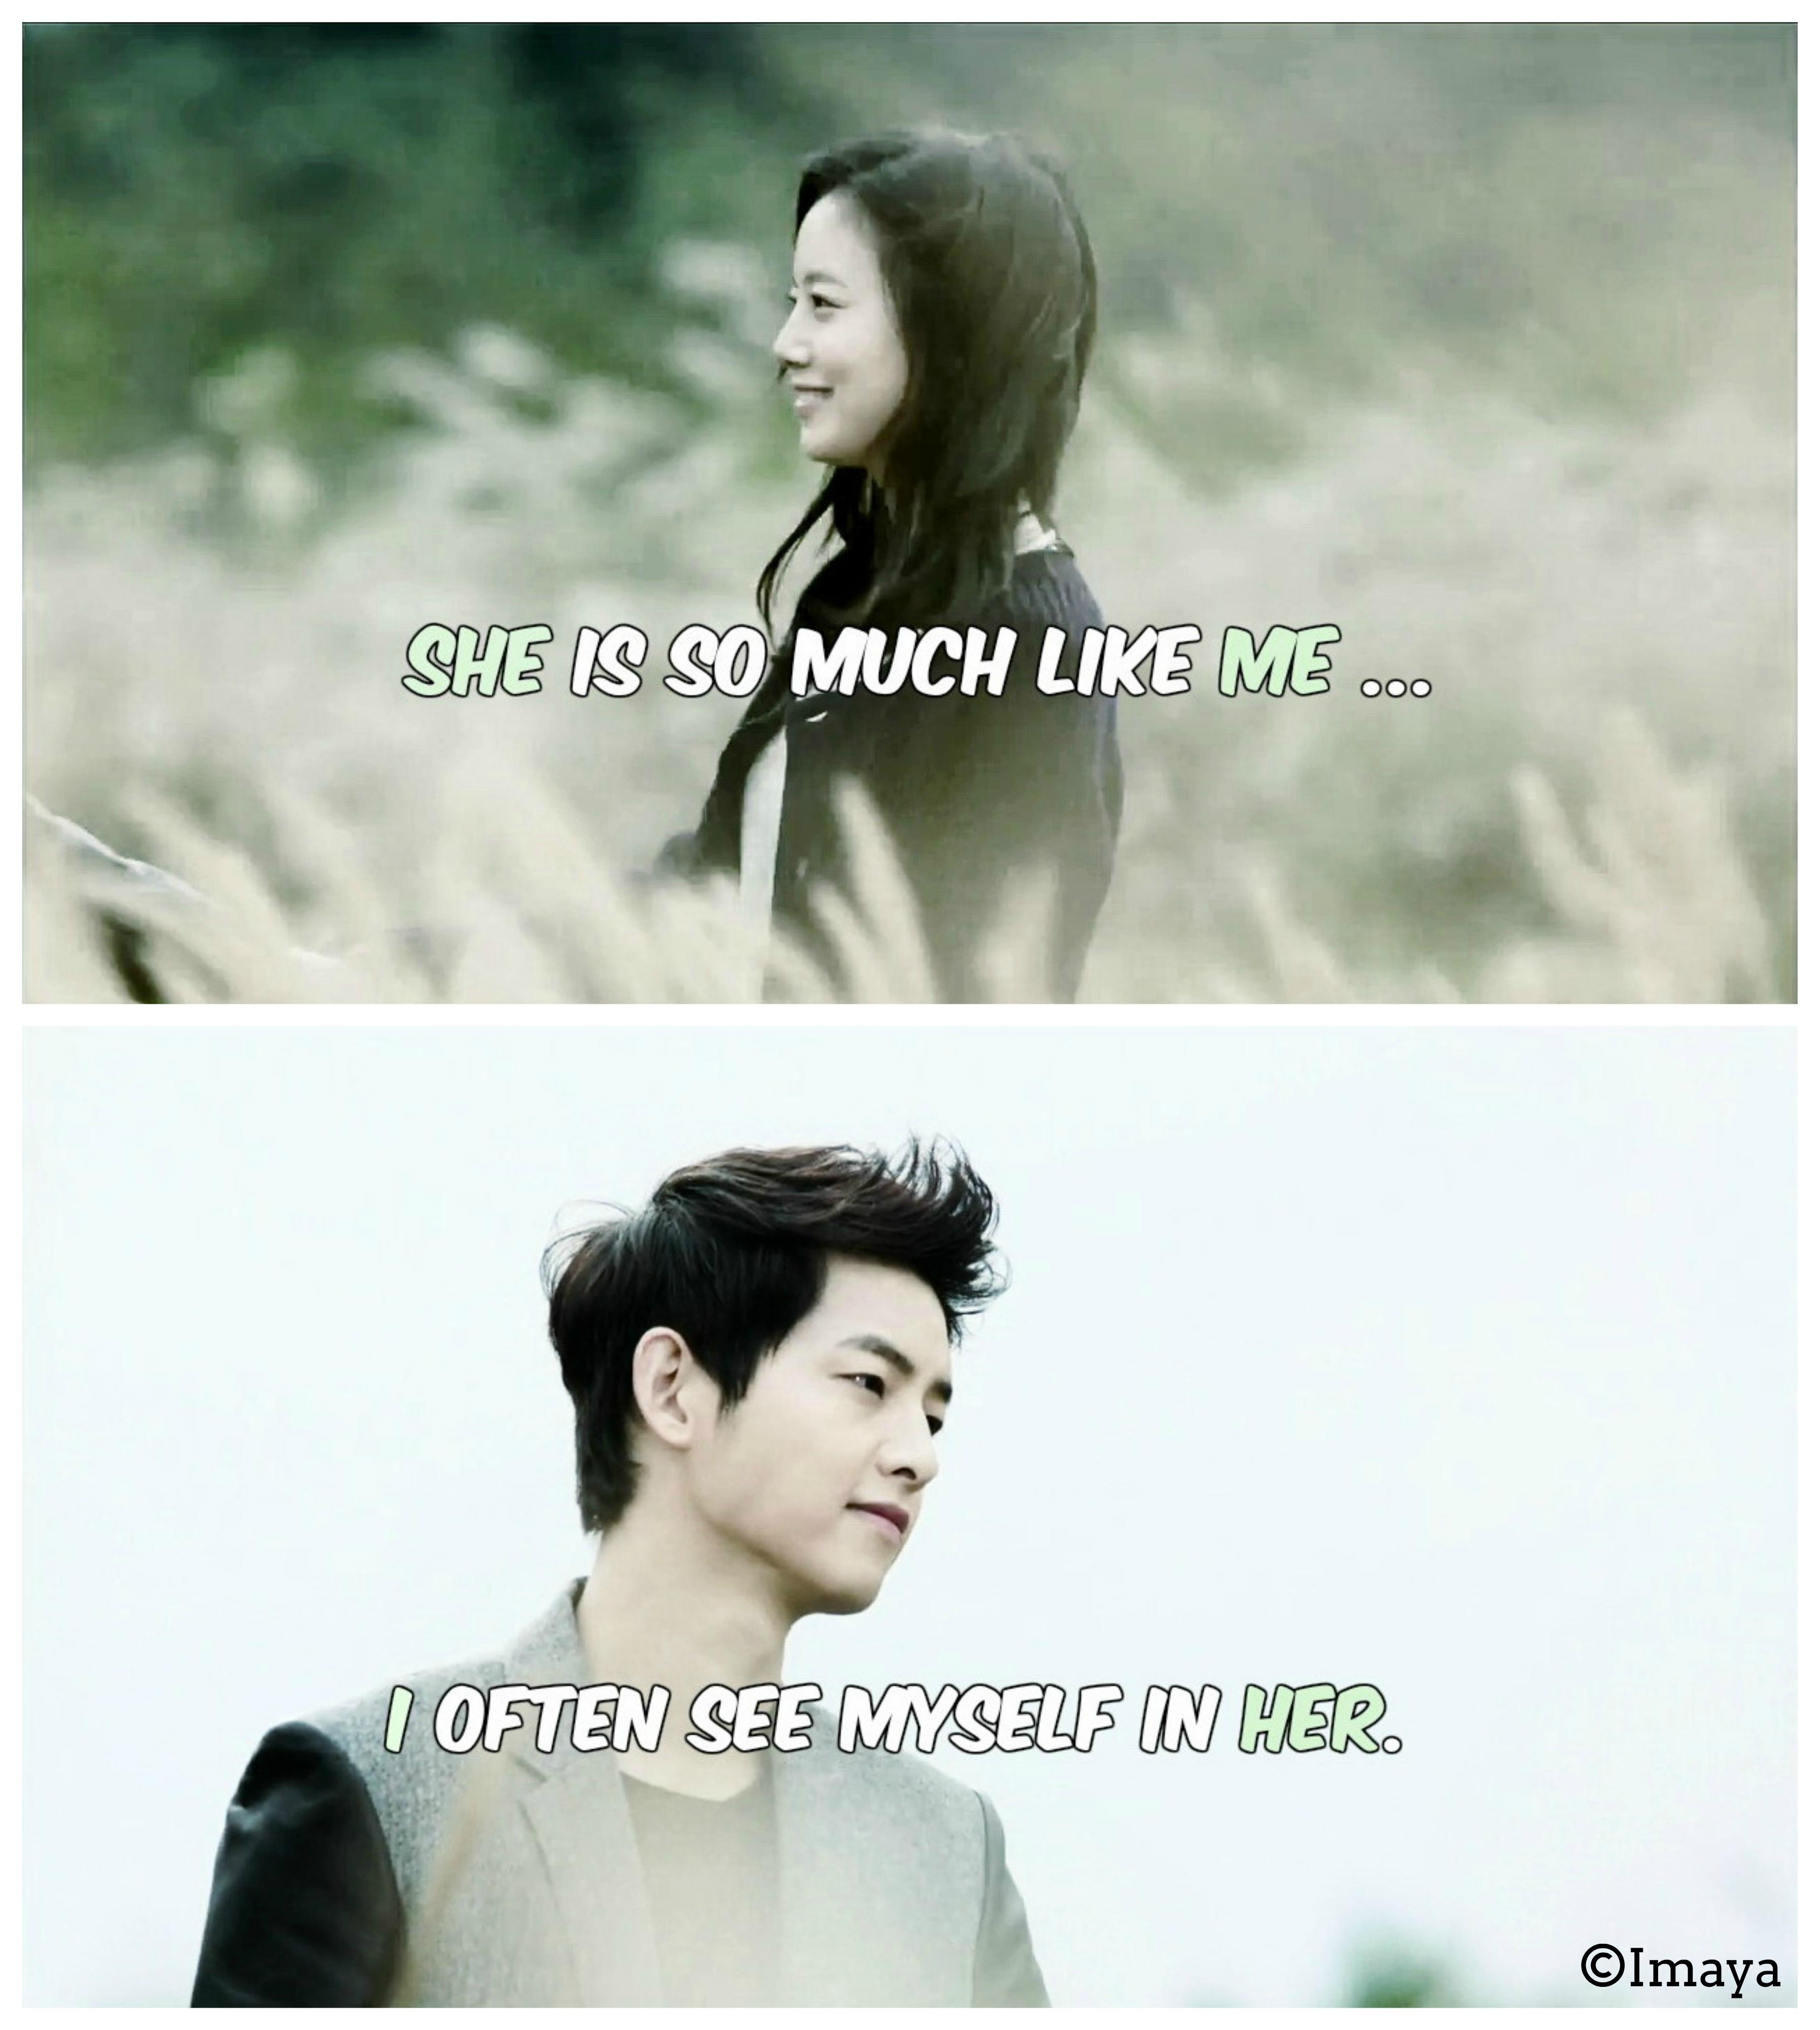 Seo eun seo dating quotes